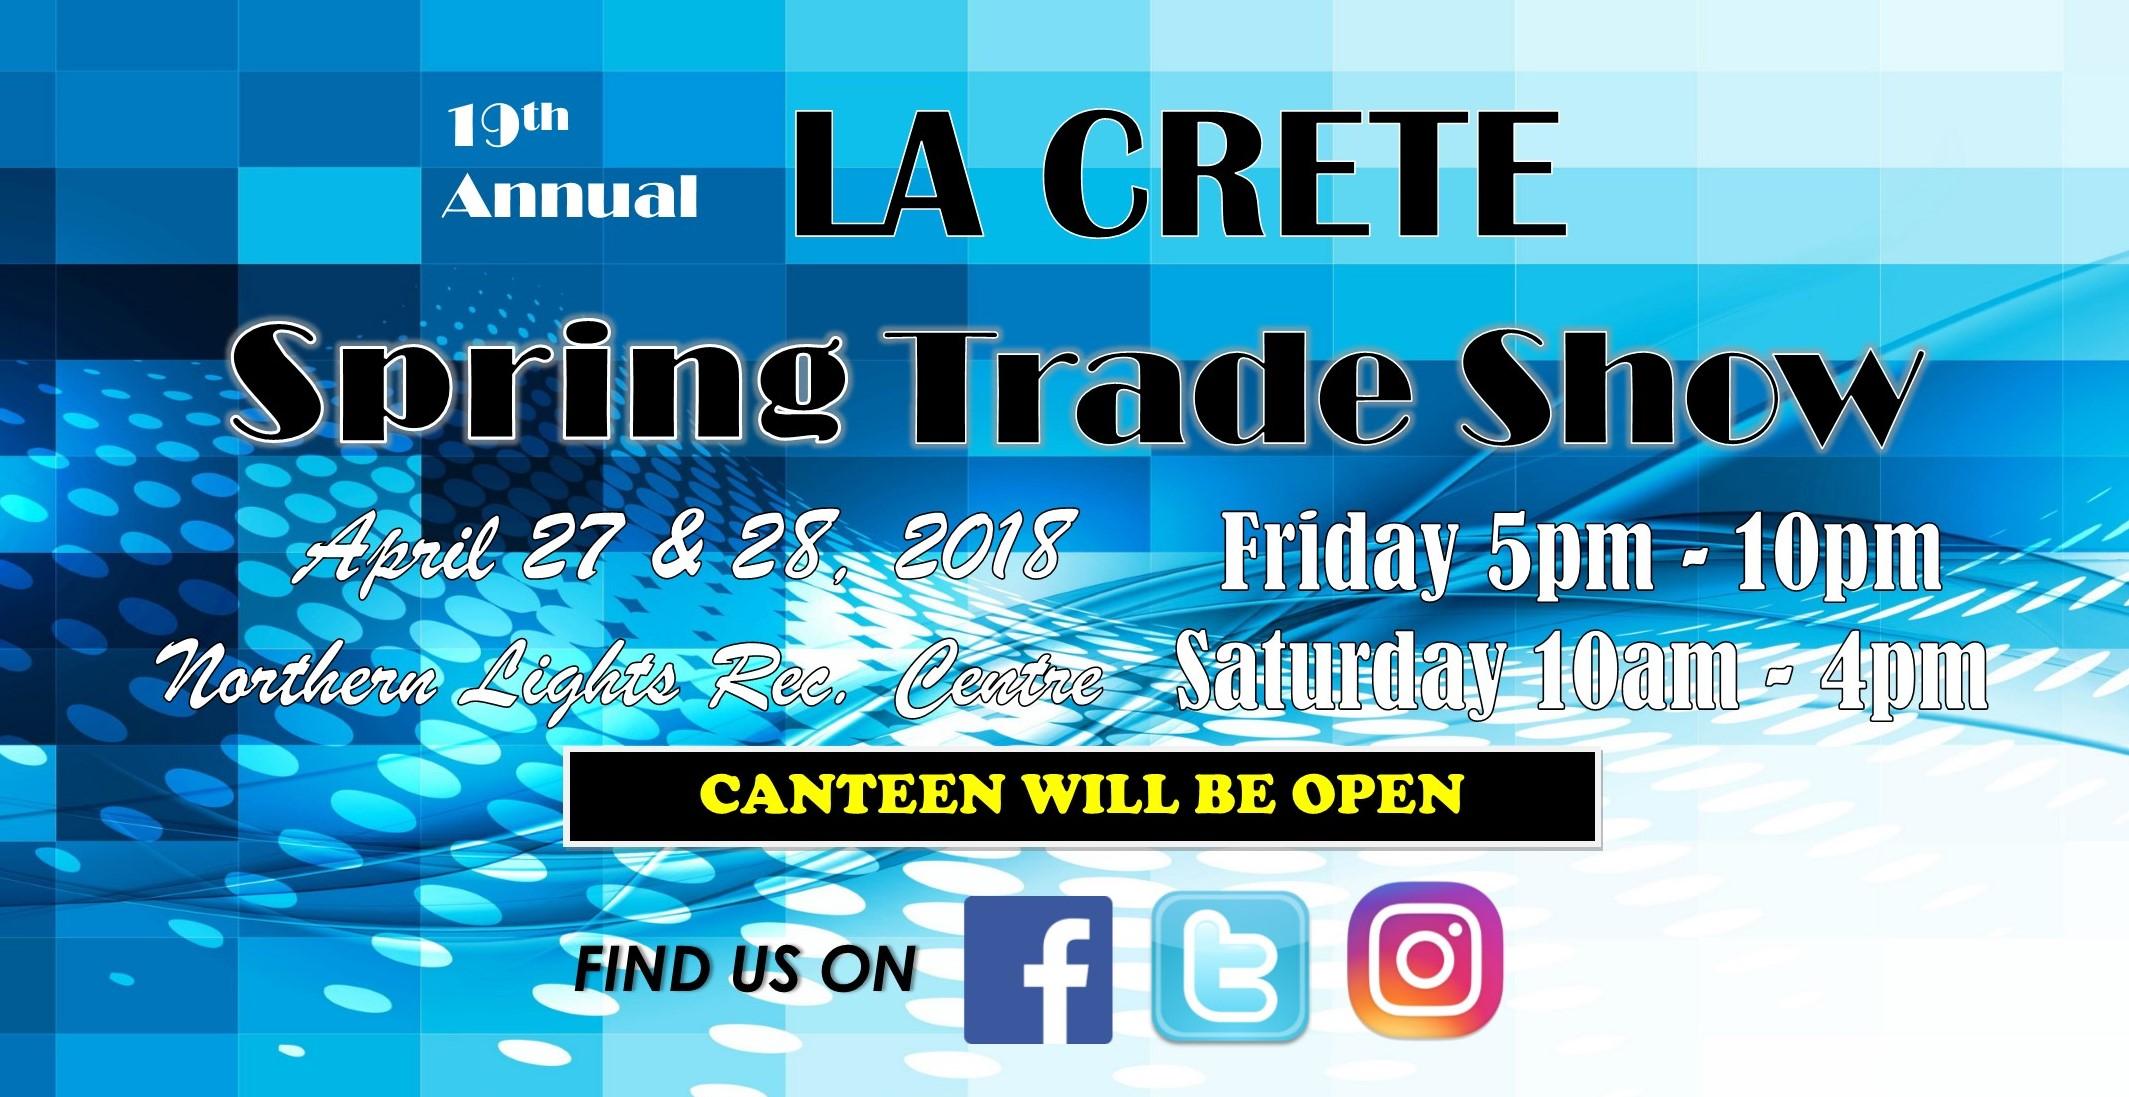 2018 Trade Show Facebook Cover Photo (2)